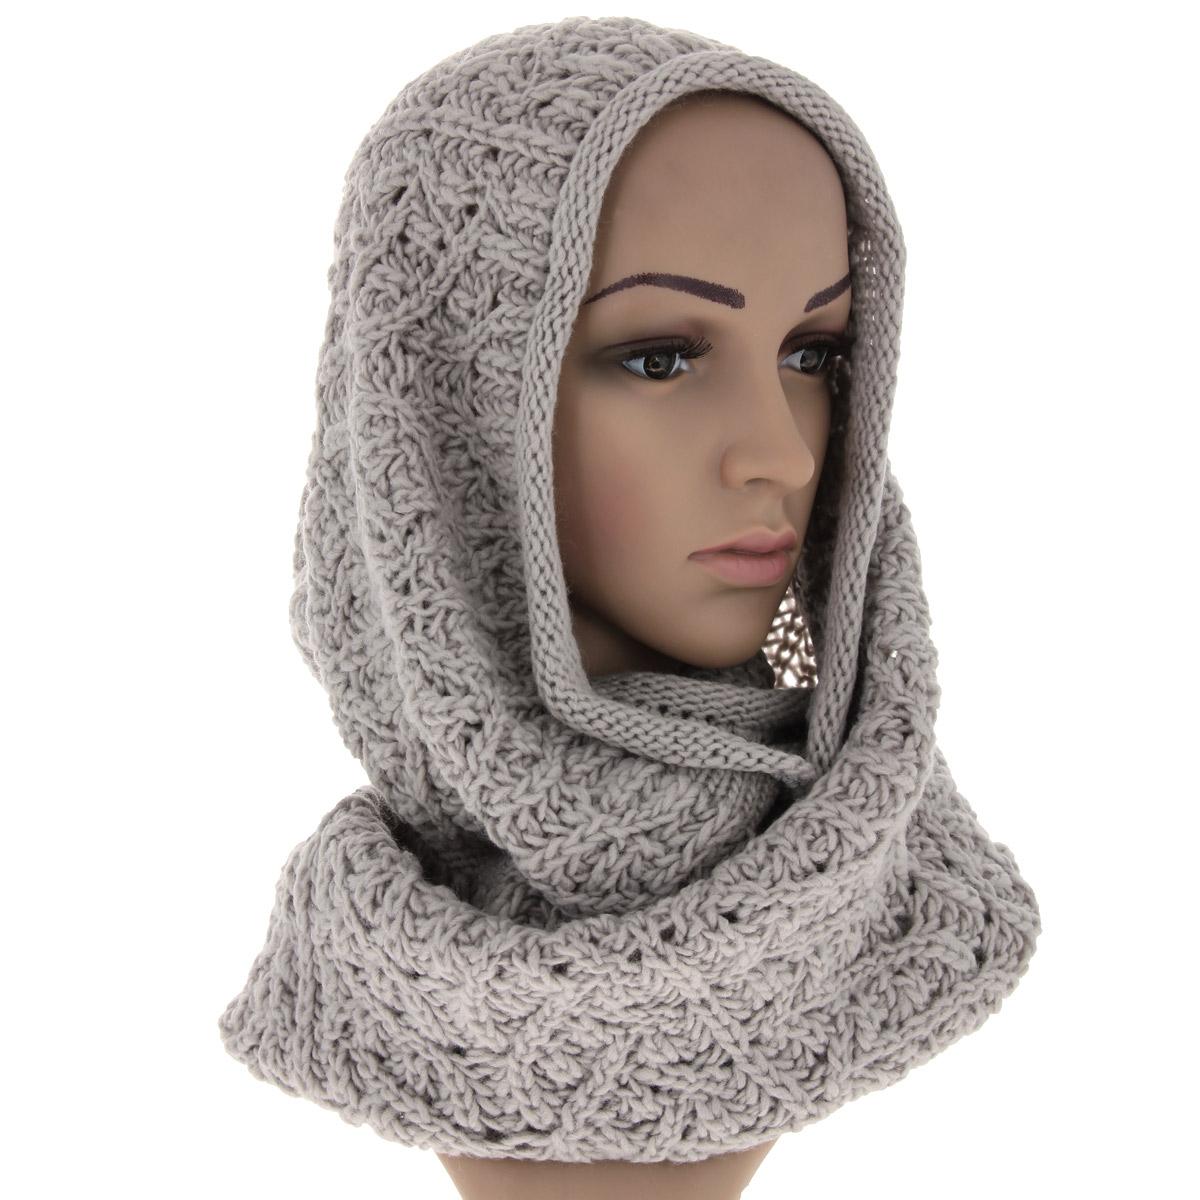 Снуд-хомут женский Snezhna, цвет: светло-серый. 44452/2. Размер 130 см х 35 см женский гардероб